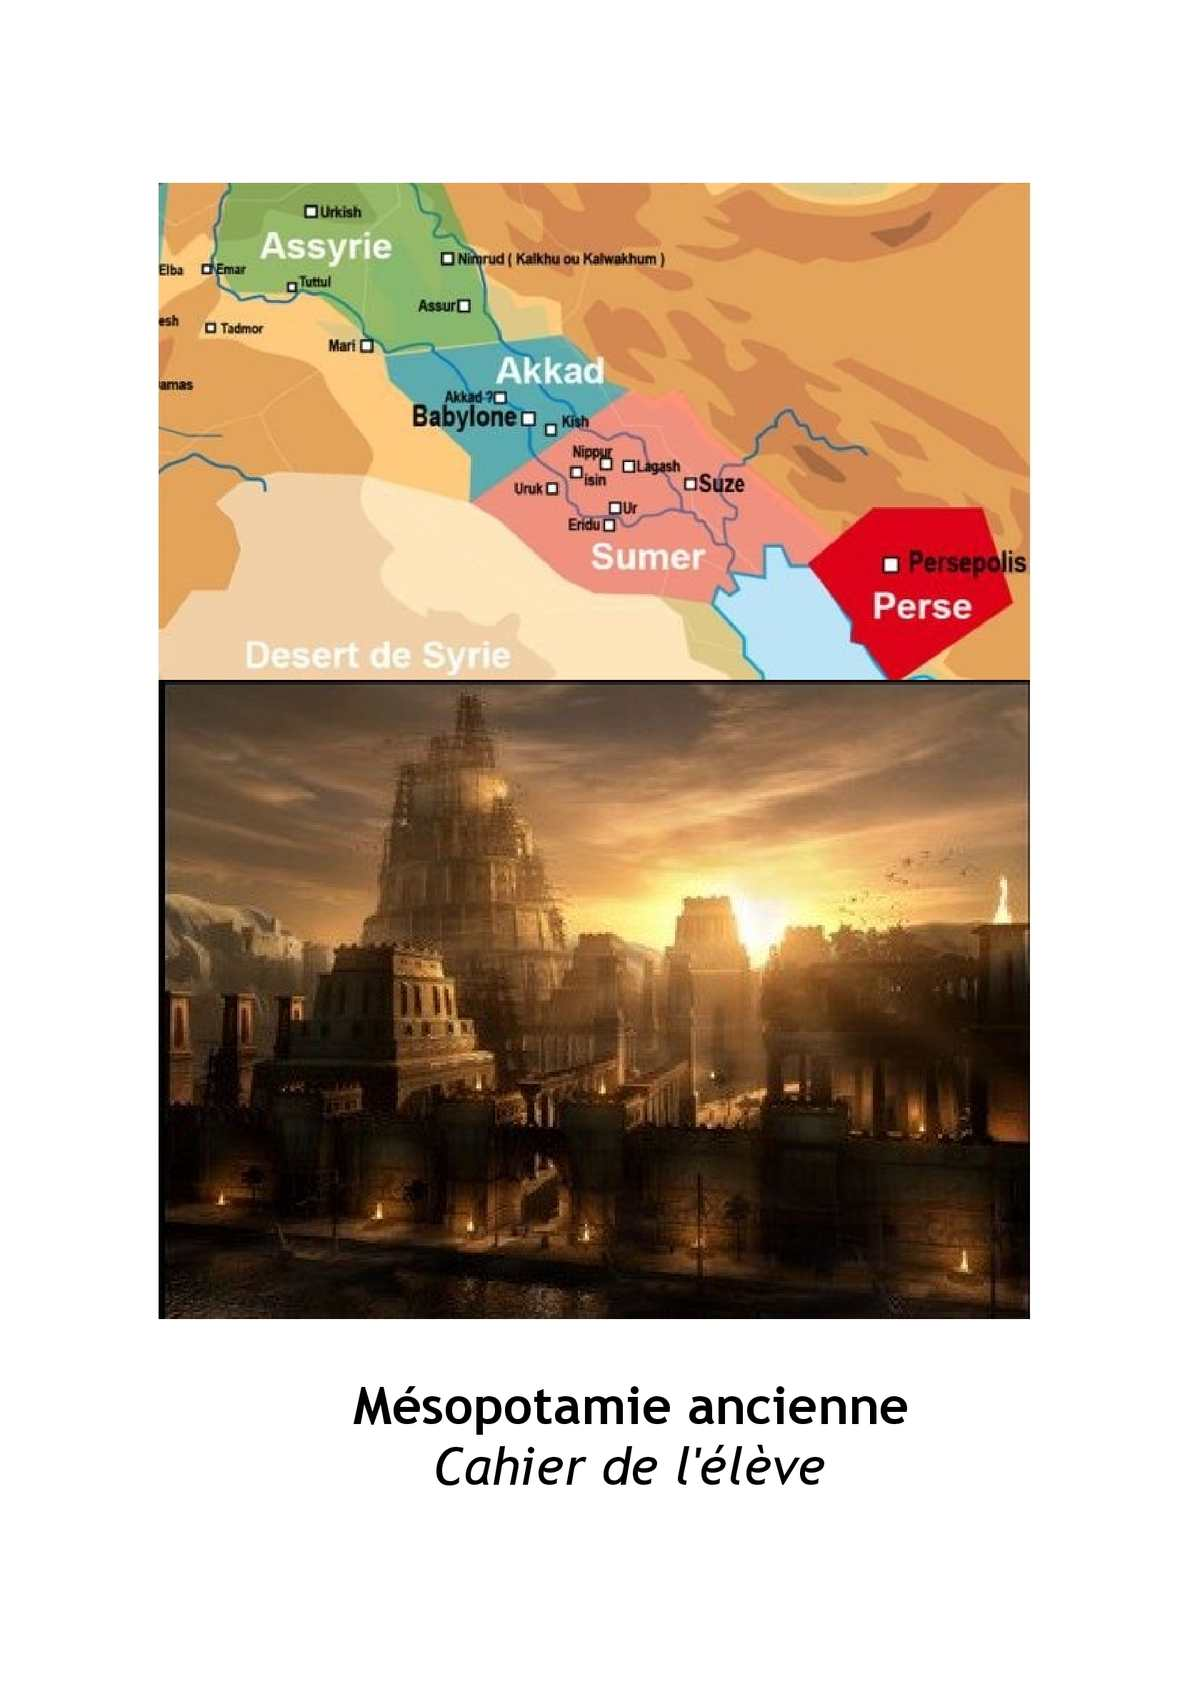 Mésopotamie ancienne